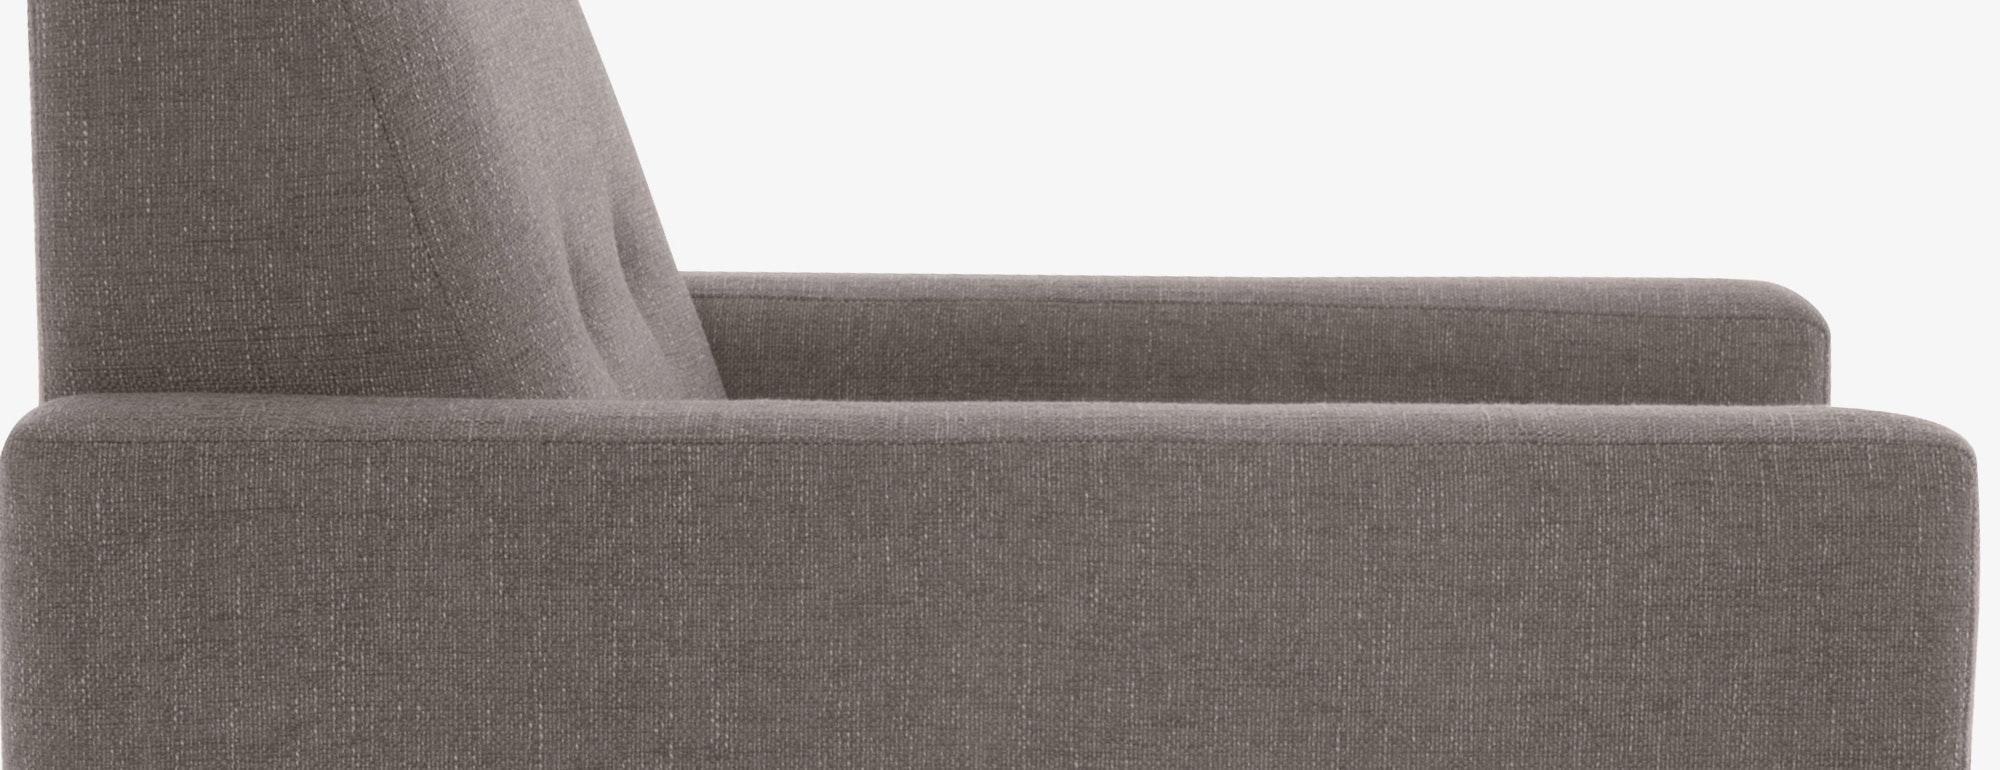 hero-korver-swivel-chair5